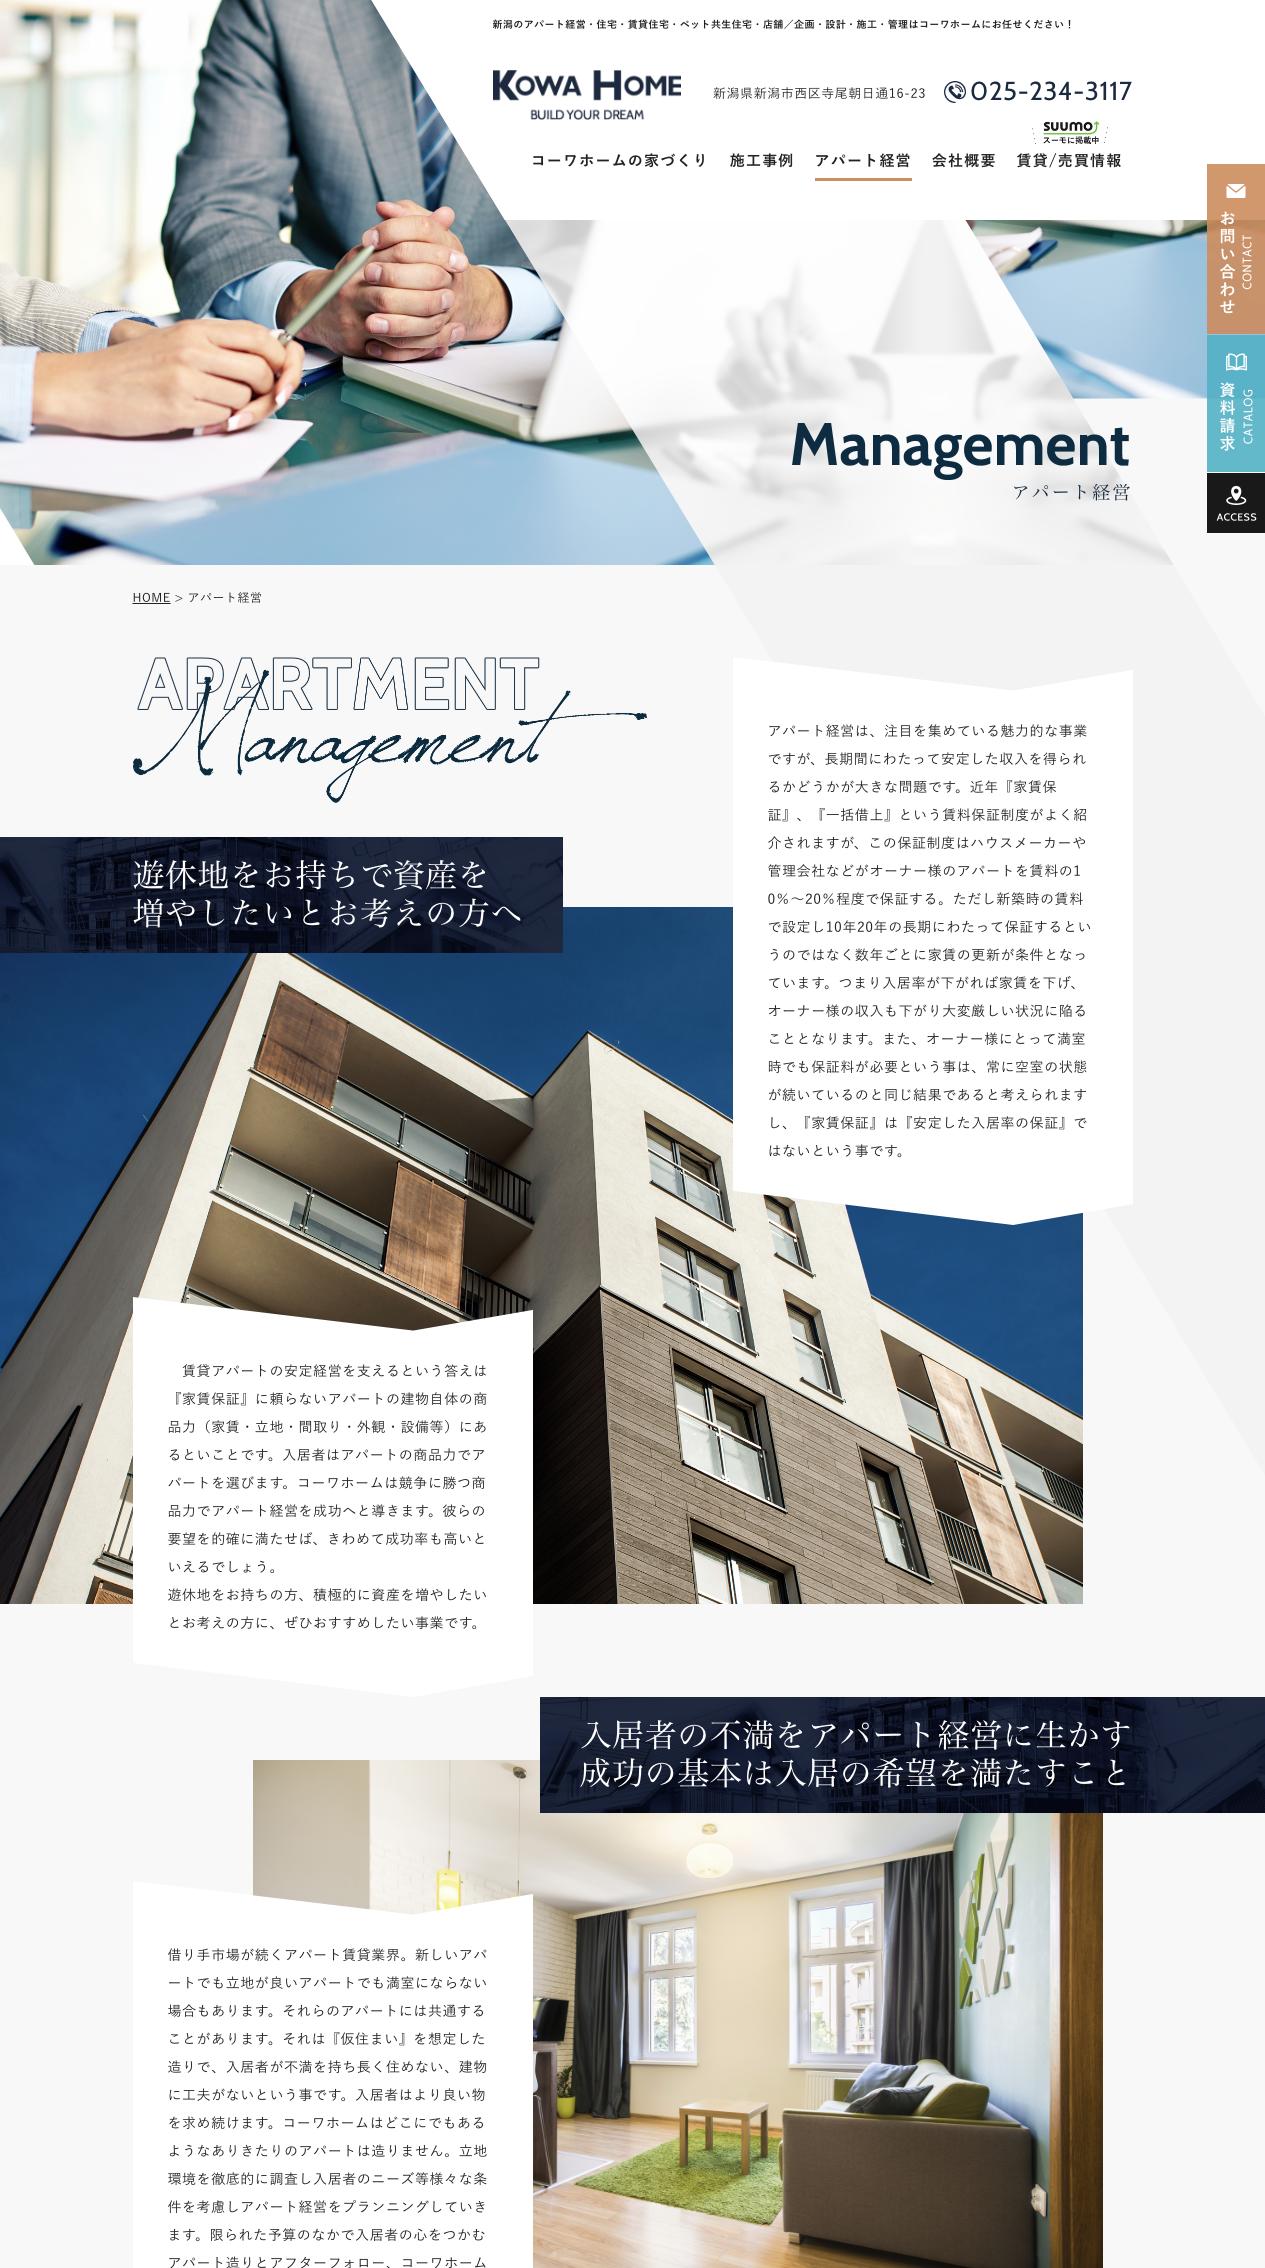 株式会社コーワホーム 様のホームページ